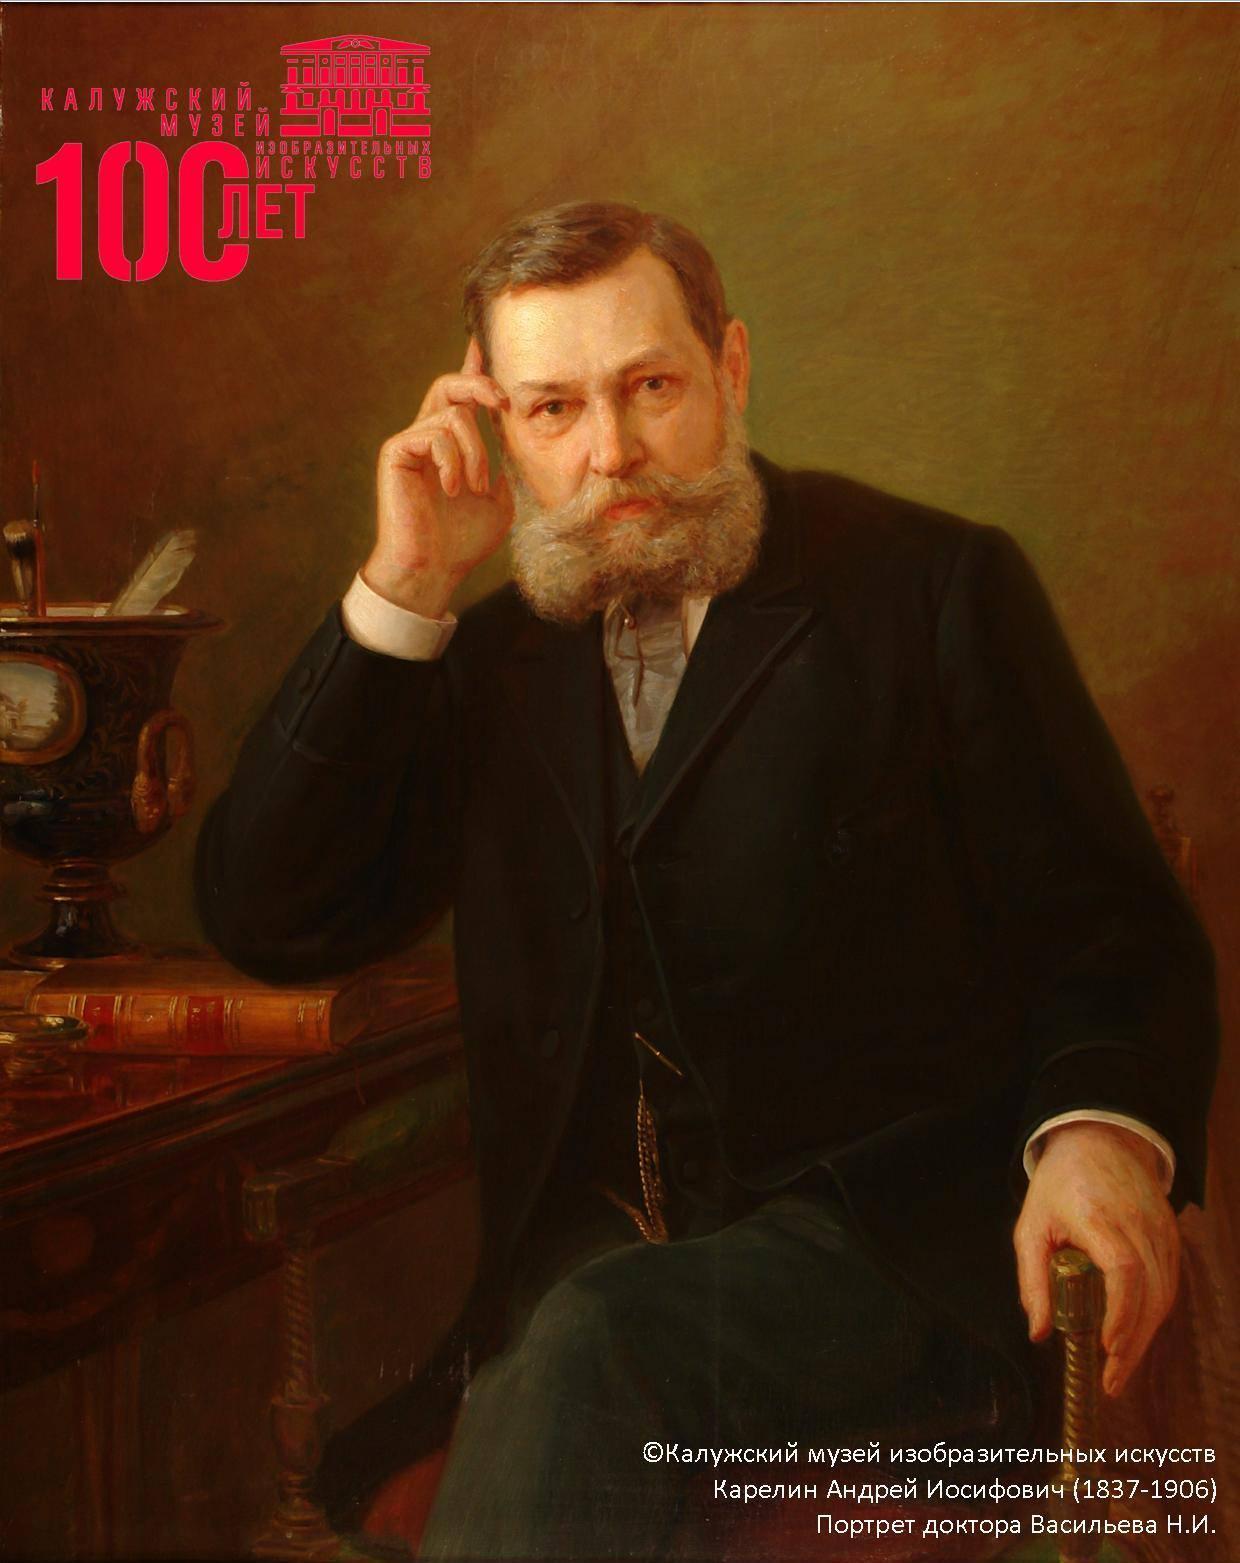 Concours pour le meilleur projet du monument au fondateur du musée Nikanor Ivanovich Vasiliev